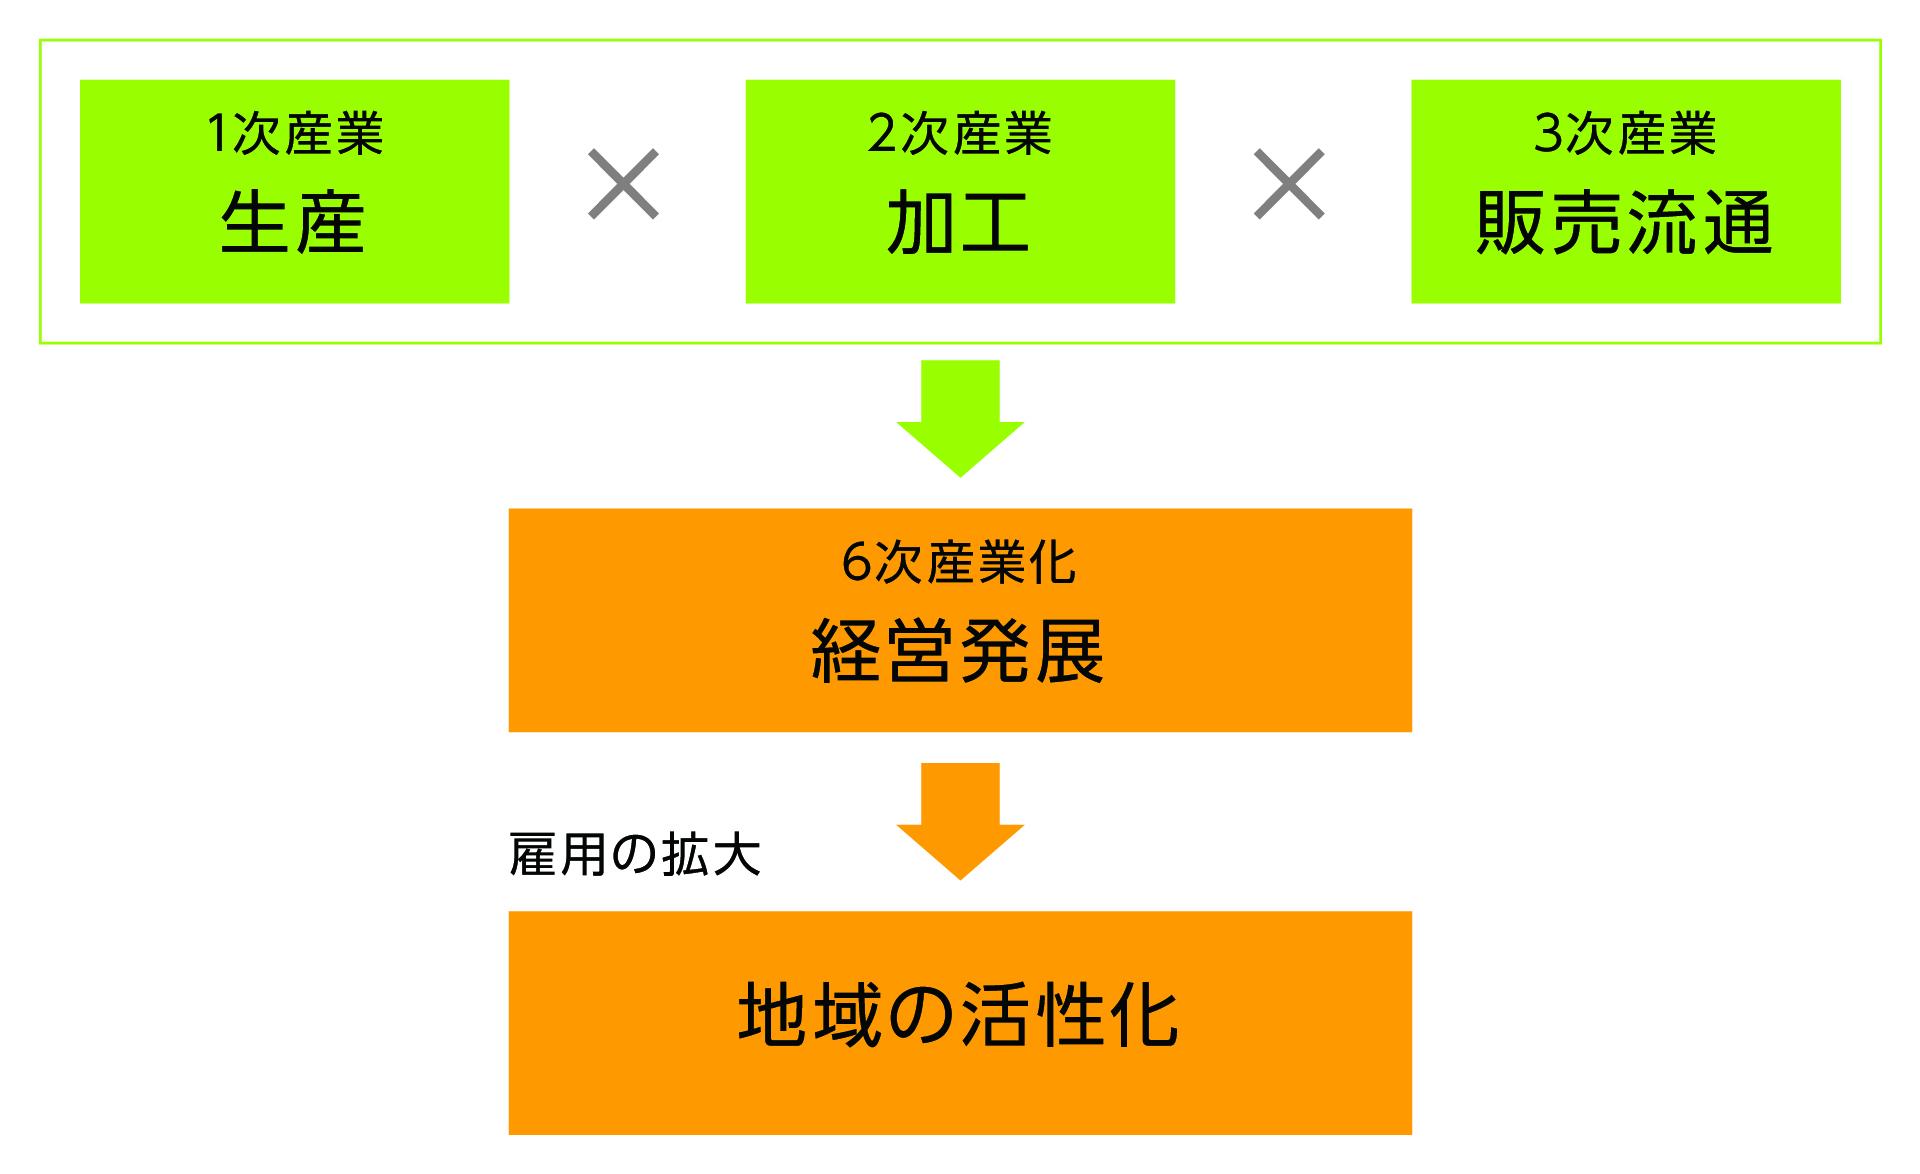 『6次産業化の概念図』の画像